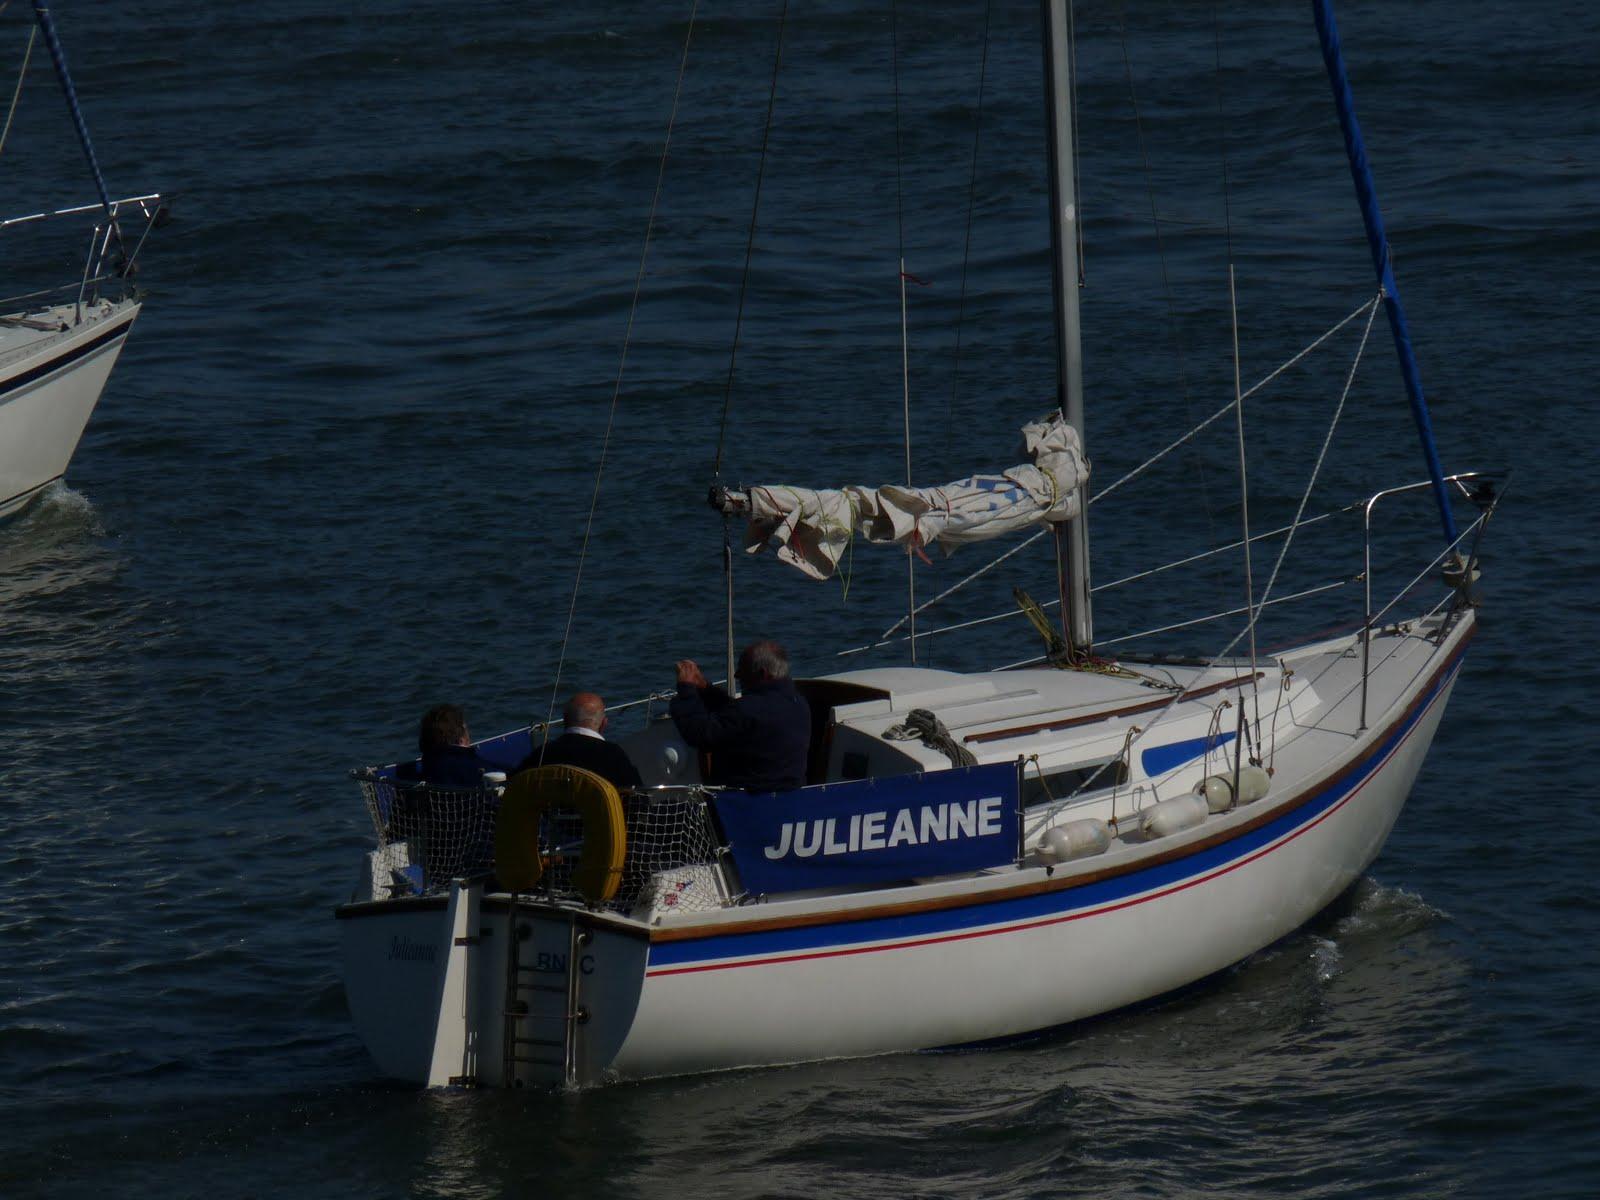 Julieanne-1.JPG